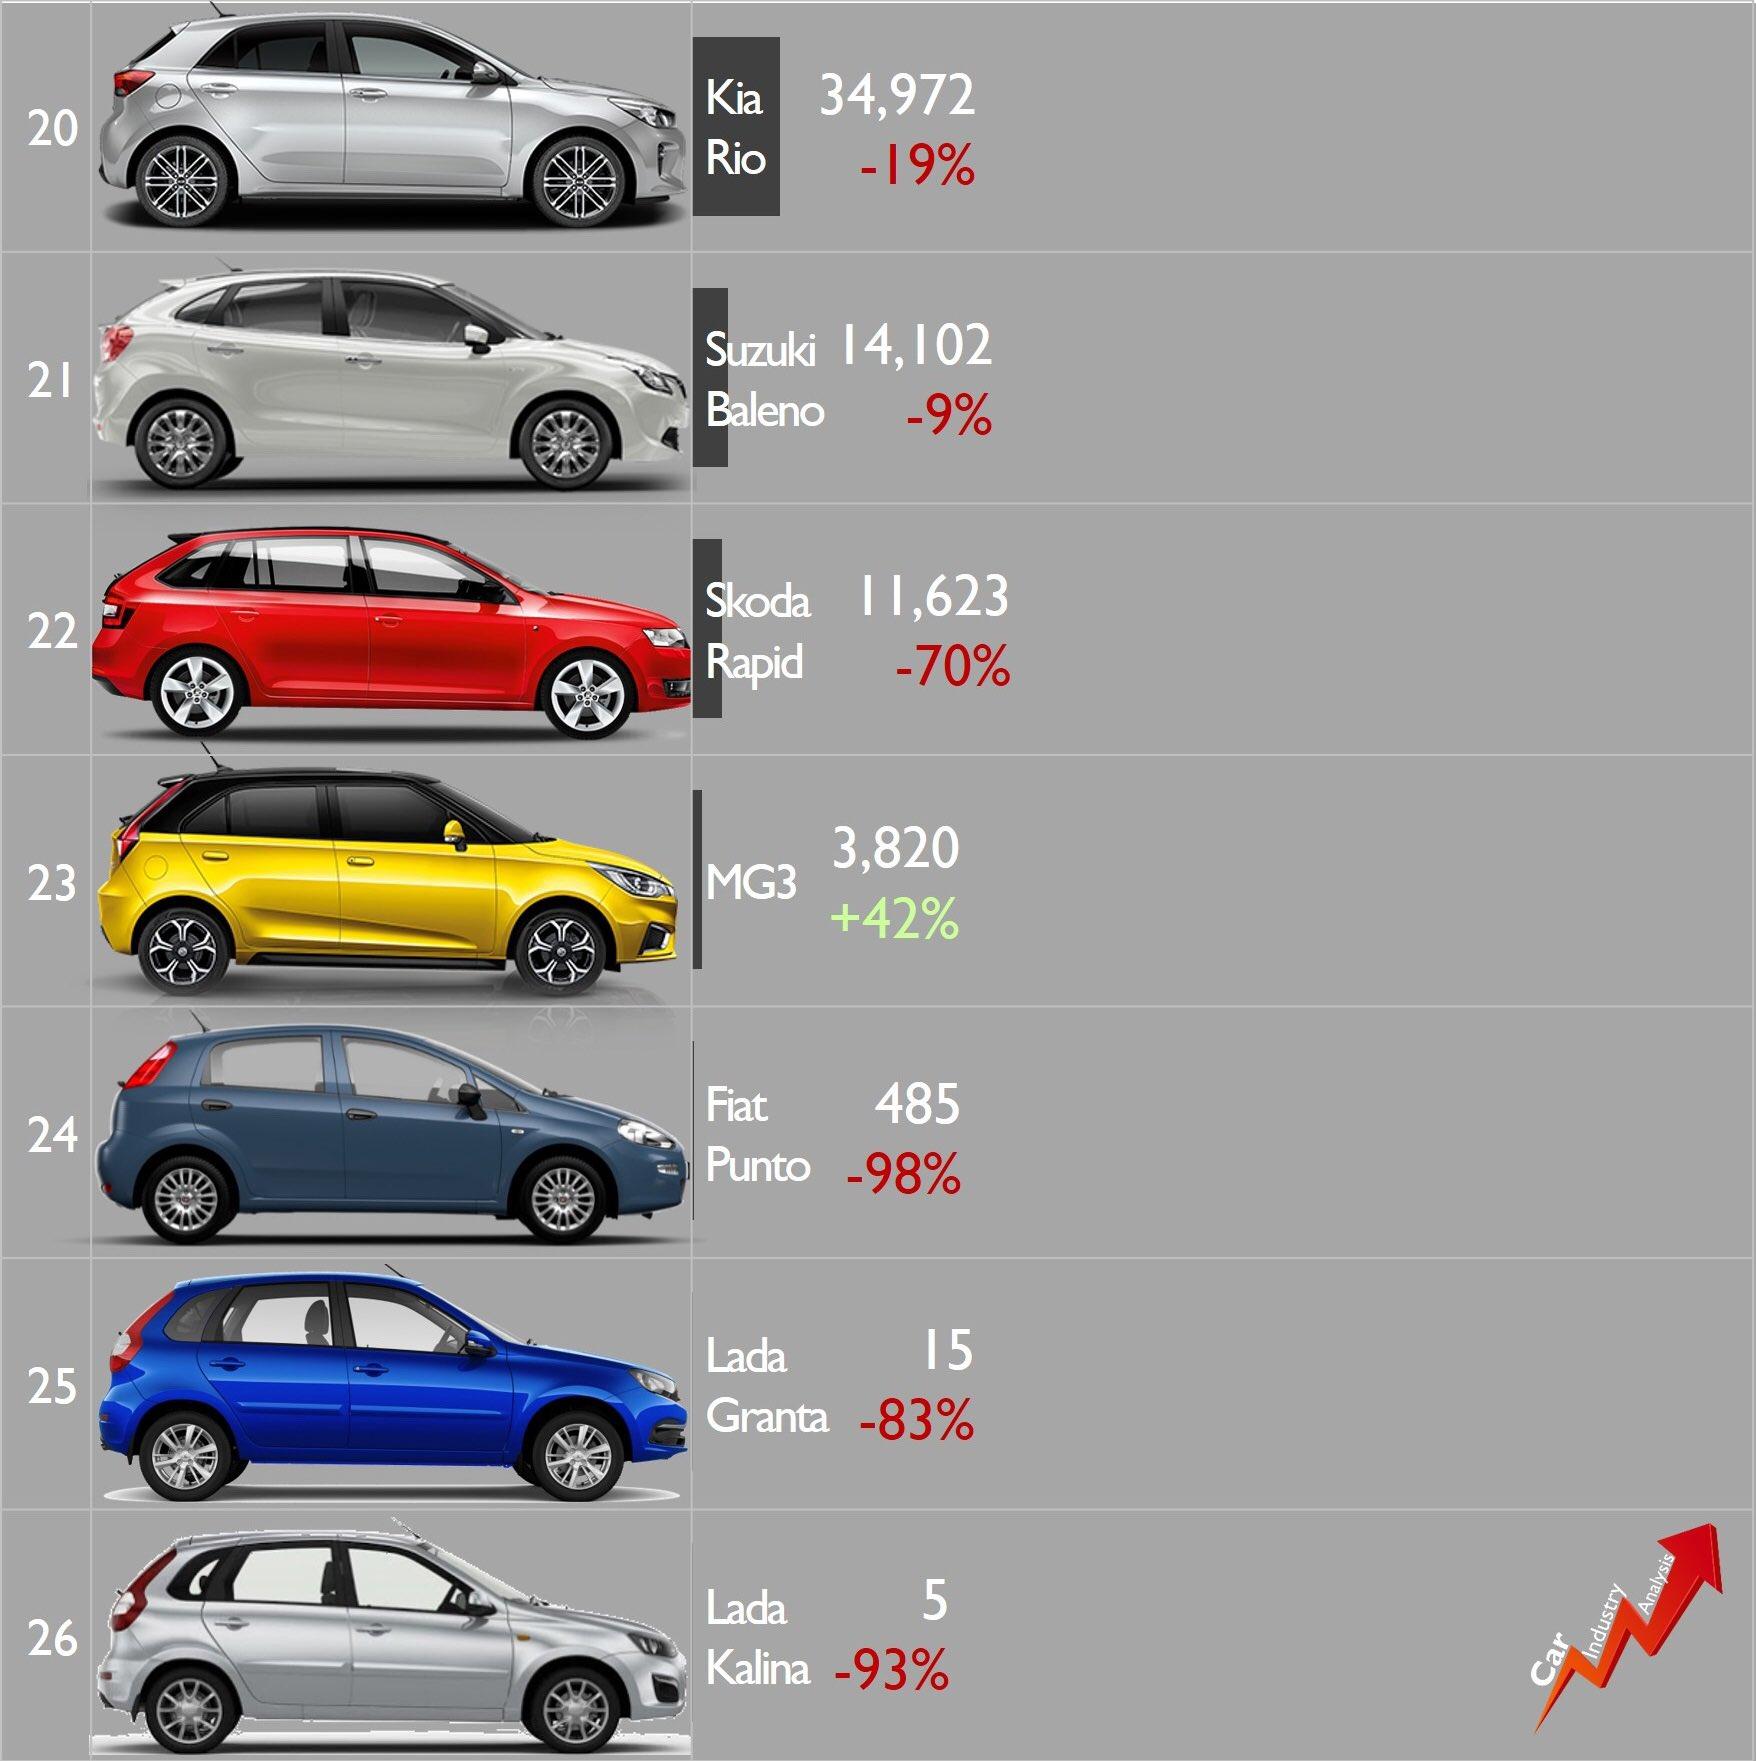 [Statistiques] Par ici les chiffres - Page 29 EP8bm_LWkAAypRC?format=jpg&name=large